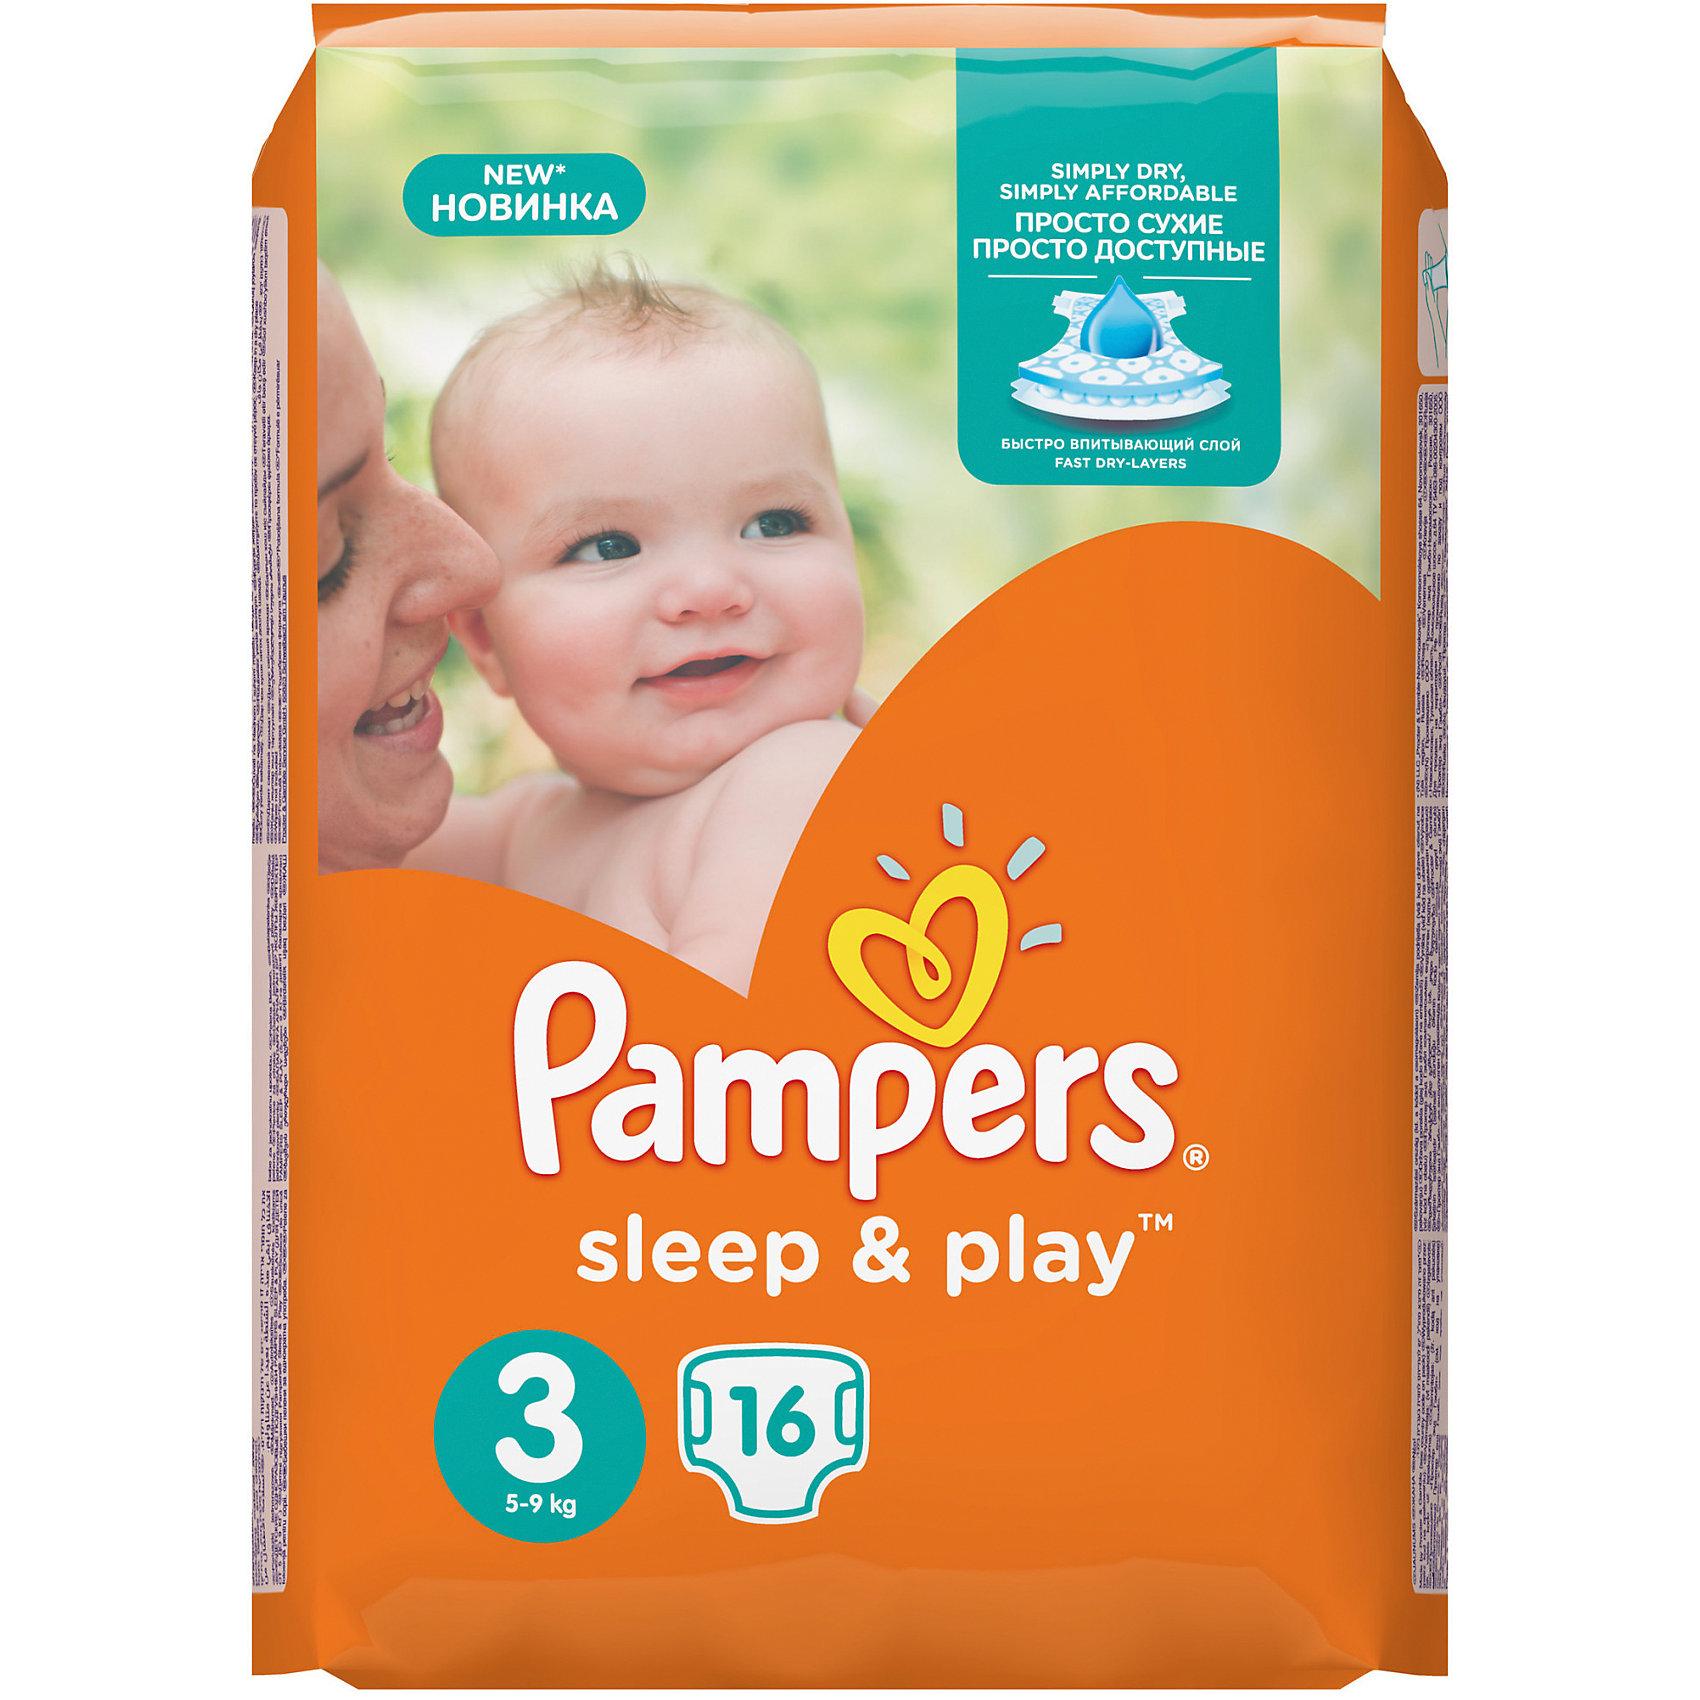 Подгузники Pampers Sleep &amp; Play, 5-9 кг, 3 размер, 16 шт., PampersПодгузники 5-12 кг.<br>Характеристики:<br><br>• Пол: универсальный<br>• Тип подгузника: одноразовый<br>• Коллекция: Sleep &amp; Play<br>• Предназначение: для использования в любое время суток <br>• Размер: 3<br>• Вес ребенка: от 5 до 9 кг<br>• Количество в упаковке: 16 шт.<br>• Упаковка: пакет<br>• Размер упаковки: 14,4*11,5*19,8 см<br>• Вес в упаковке: 359 г<br>• Эластичные застежки-липучки<br>• Быстро впитывающий слой<br>• Яркий дизайн<br>• Сохранение сухости в течение 9-ти часов<br>• Содержит экстракт ромашки<br><br>Подгузники Pampers Sleep &amp; Play, 5-9 кг, 3 размер, 16 шт., Pampers – это линейка классических детских подгузников от Pampers, которая сочетает в себе качество и безопасность материалов, удобство использования и комфорт для нежной кожи малыша. Подгузники предназначены для младенцев весом до 9 кг. Инновационные технологии и современные материалы обеспечивают этим подгузникам Дышащие свойства, что особенно важно для кожи малыша. <br><br>Впитывающие свойства изделию обеспечивает уникальный слой, который равномерно распределяет влагу внутри подгузника, при этом сохраняя сухость верхнего слоя. У подгузников предусмотрена эластичная мягкая резиночка на спинке. Широкие липучки с двух сторон обеспечивают надежную фиксацию. В составе подгузника имеется экстракт ромашки, который защищает кожу ребенка от раздражений. Подгузник подходит как для мальчиков, так и для девочек. <br><br>Подгузники Pampers Sleep &amp; Play, 5-9 кг, 3 размер, 16 шт., Pampers можно купить в нашем интернет-магазине.<br><br>Ширина мм: 144<br>Глубина мм: 115<br>Высота мм: 198<br>Вес г: 359<br>Возраст от месяцев: 3<br>Возраст до месяцев: 12<br>Пол: Унисекс<br>Возраст: Детский<br>SKU: 5419055